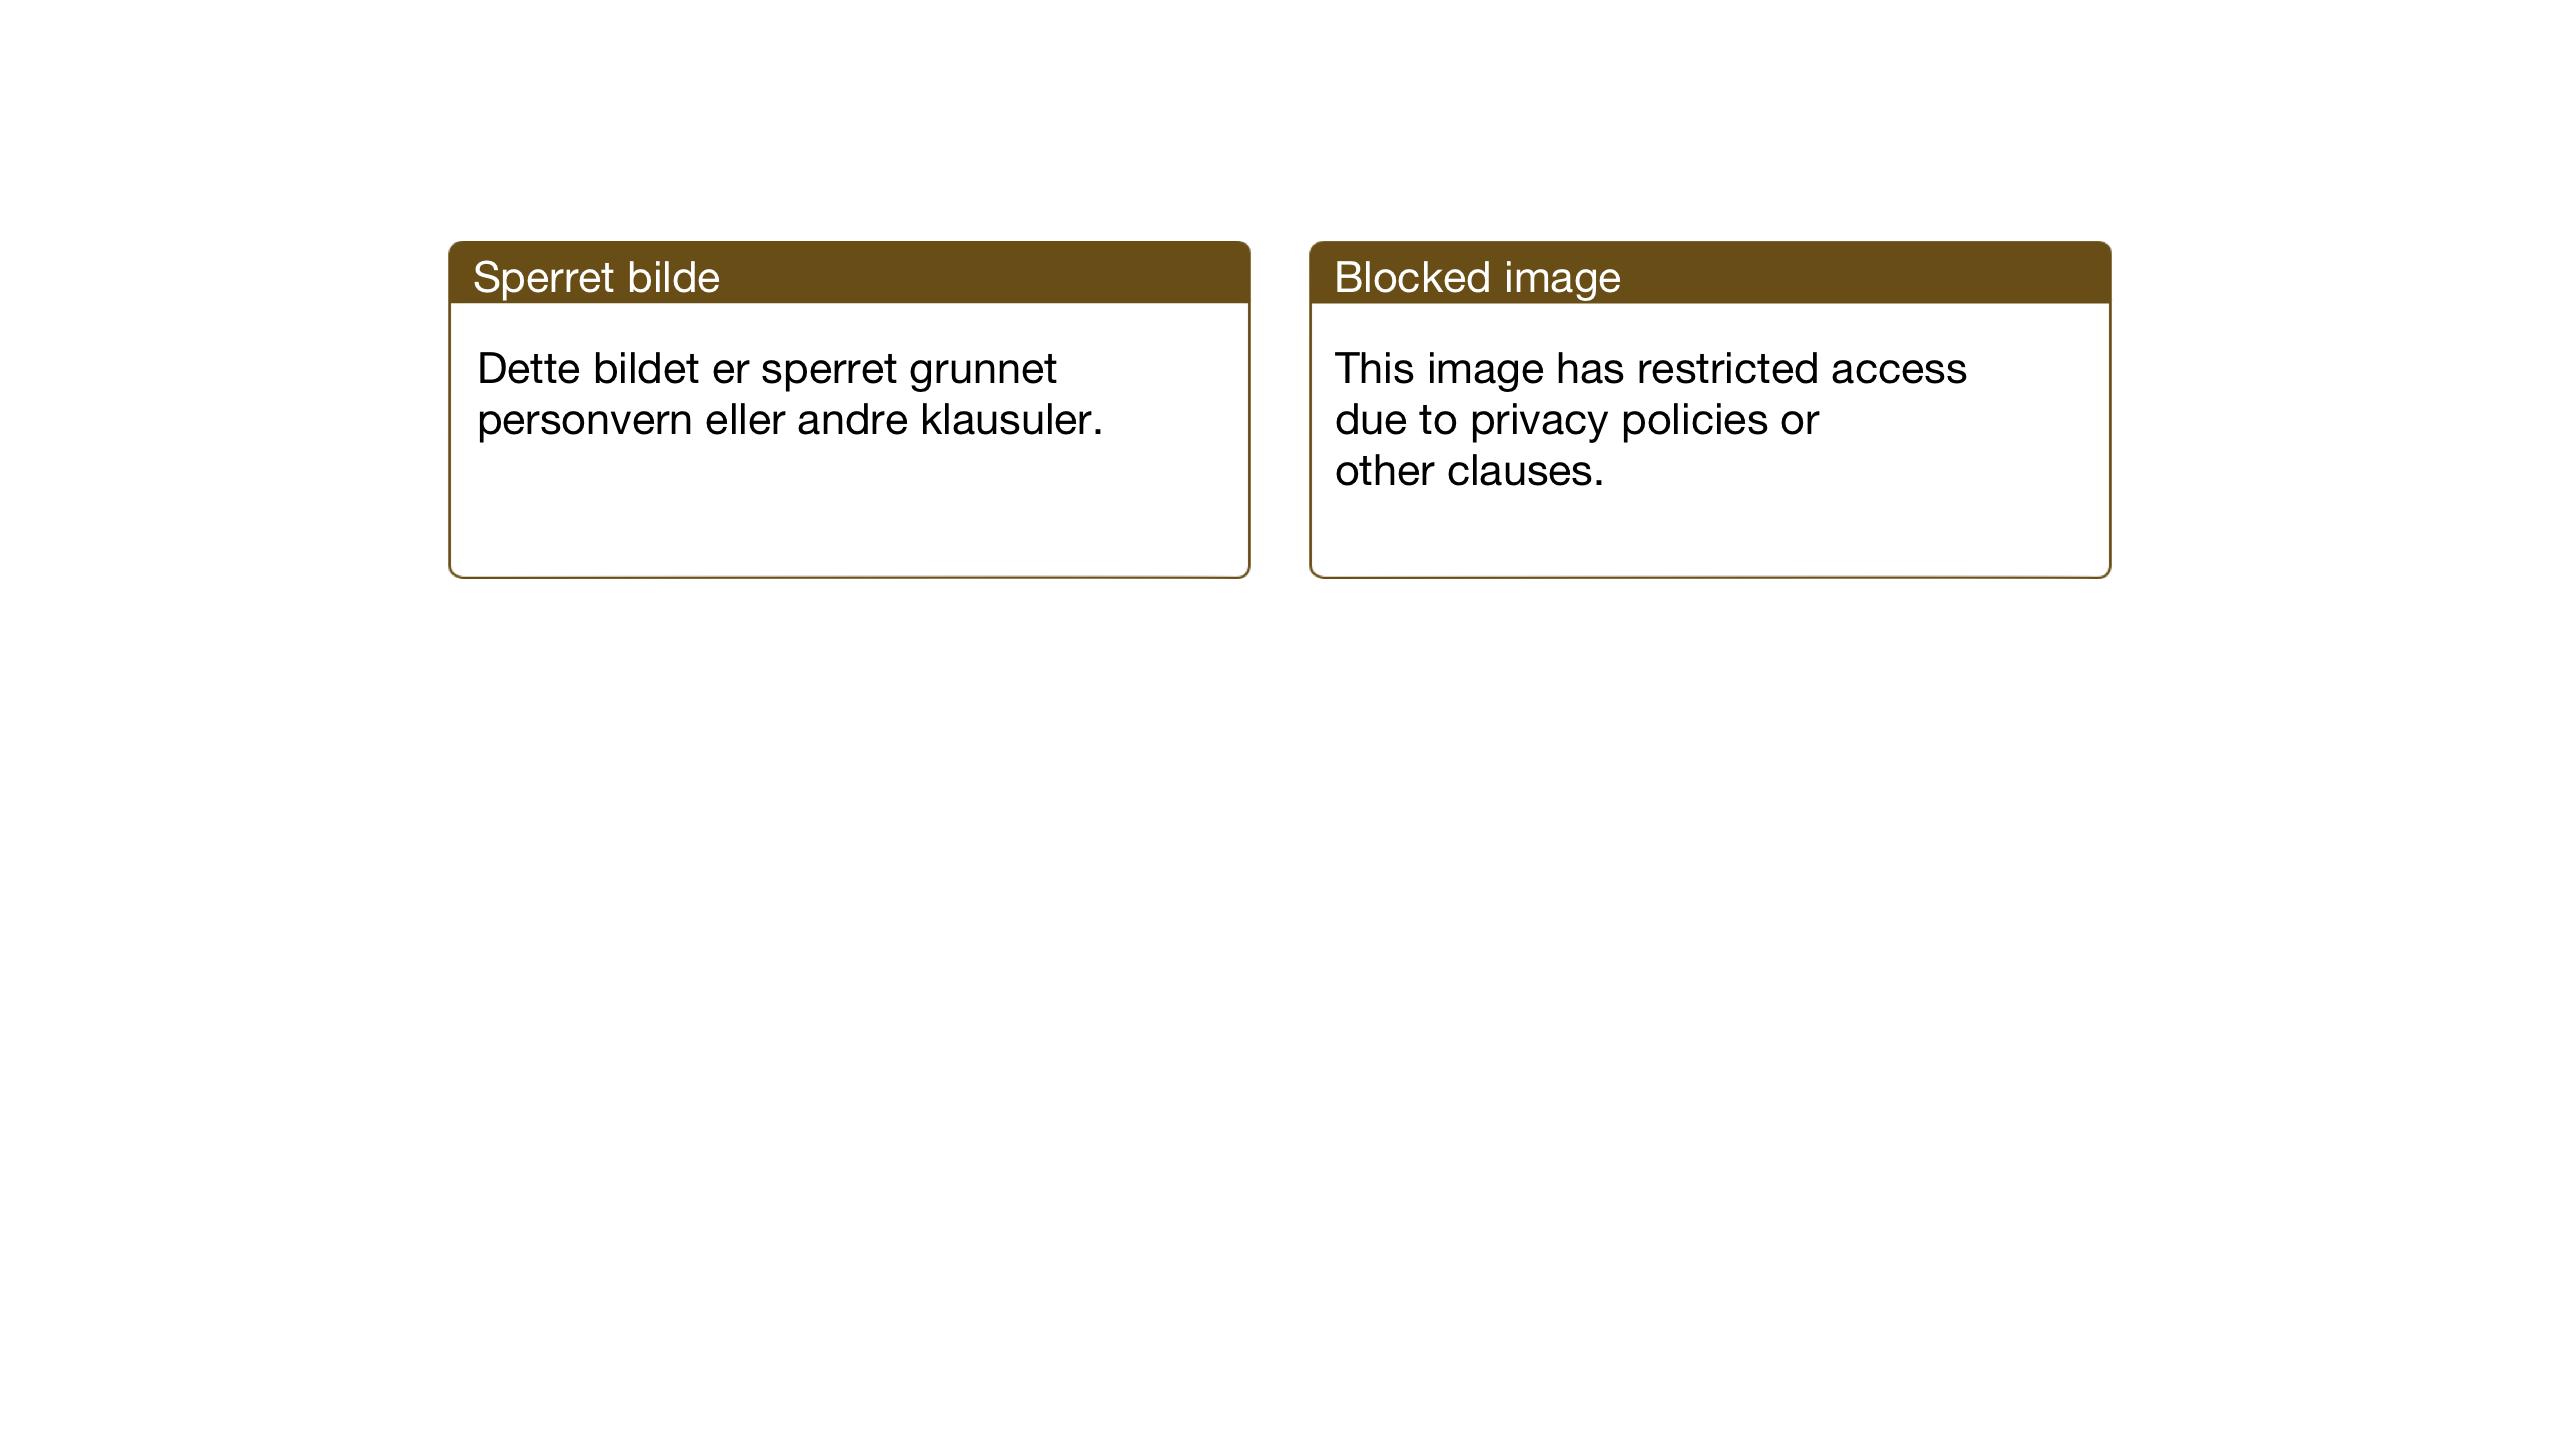 SAT, Ministerialprotokoller, klokkerbøker og fødselsregistre - Sør-Trøndelag, 670/L0837: Klokkerbok nr. 670C01, 1905-1946, s. 138-139